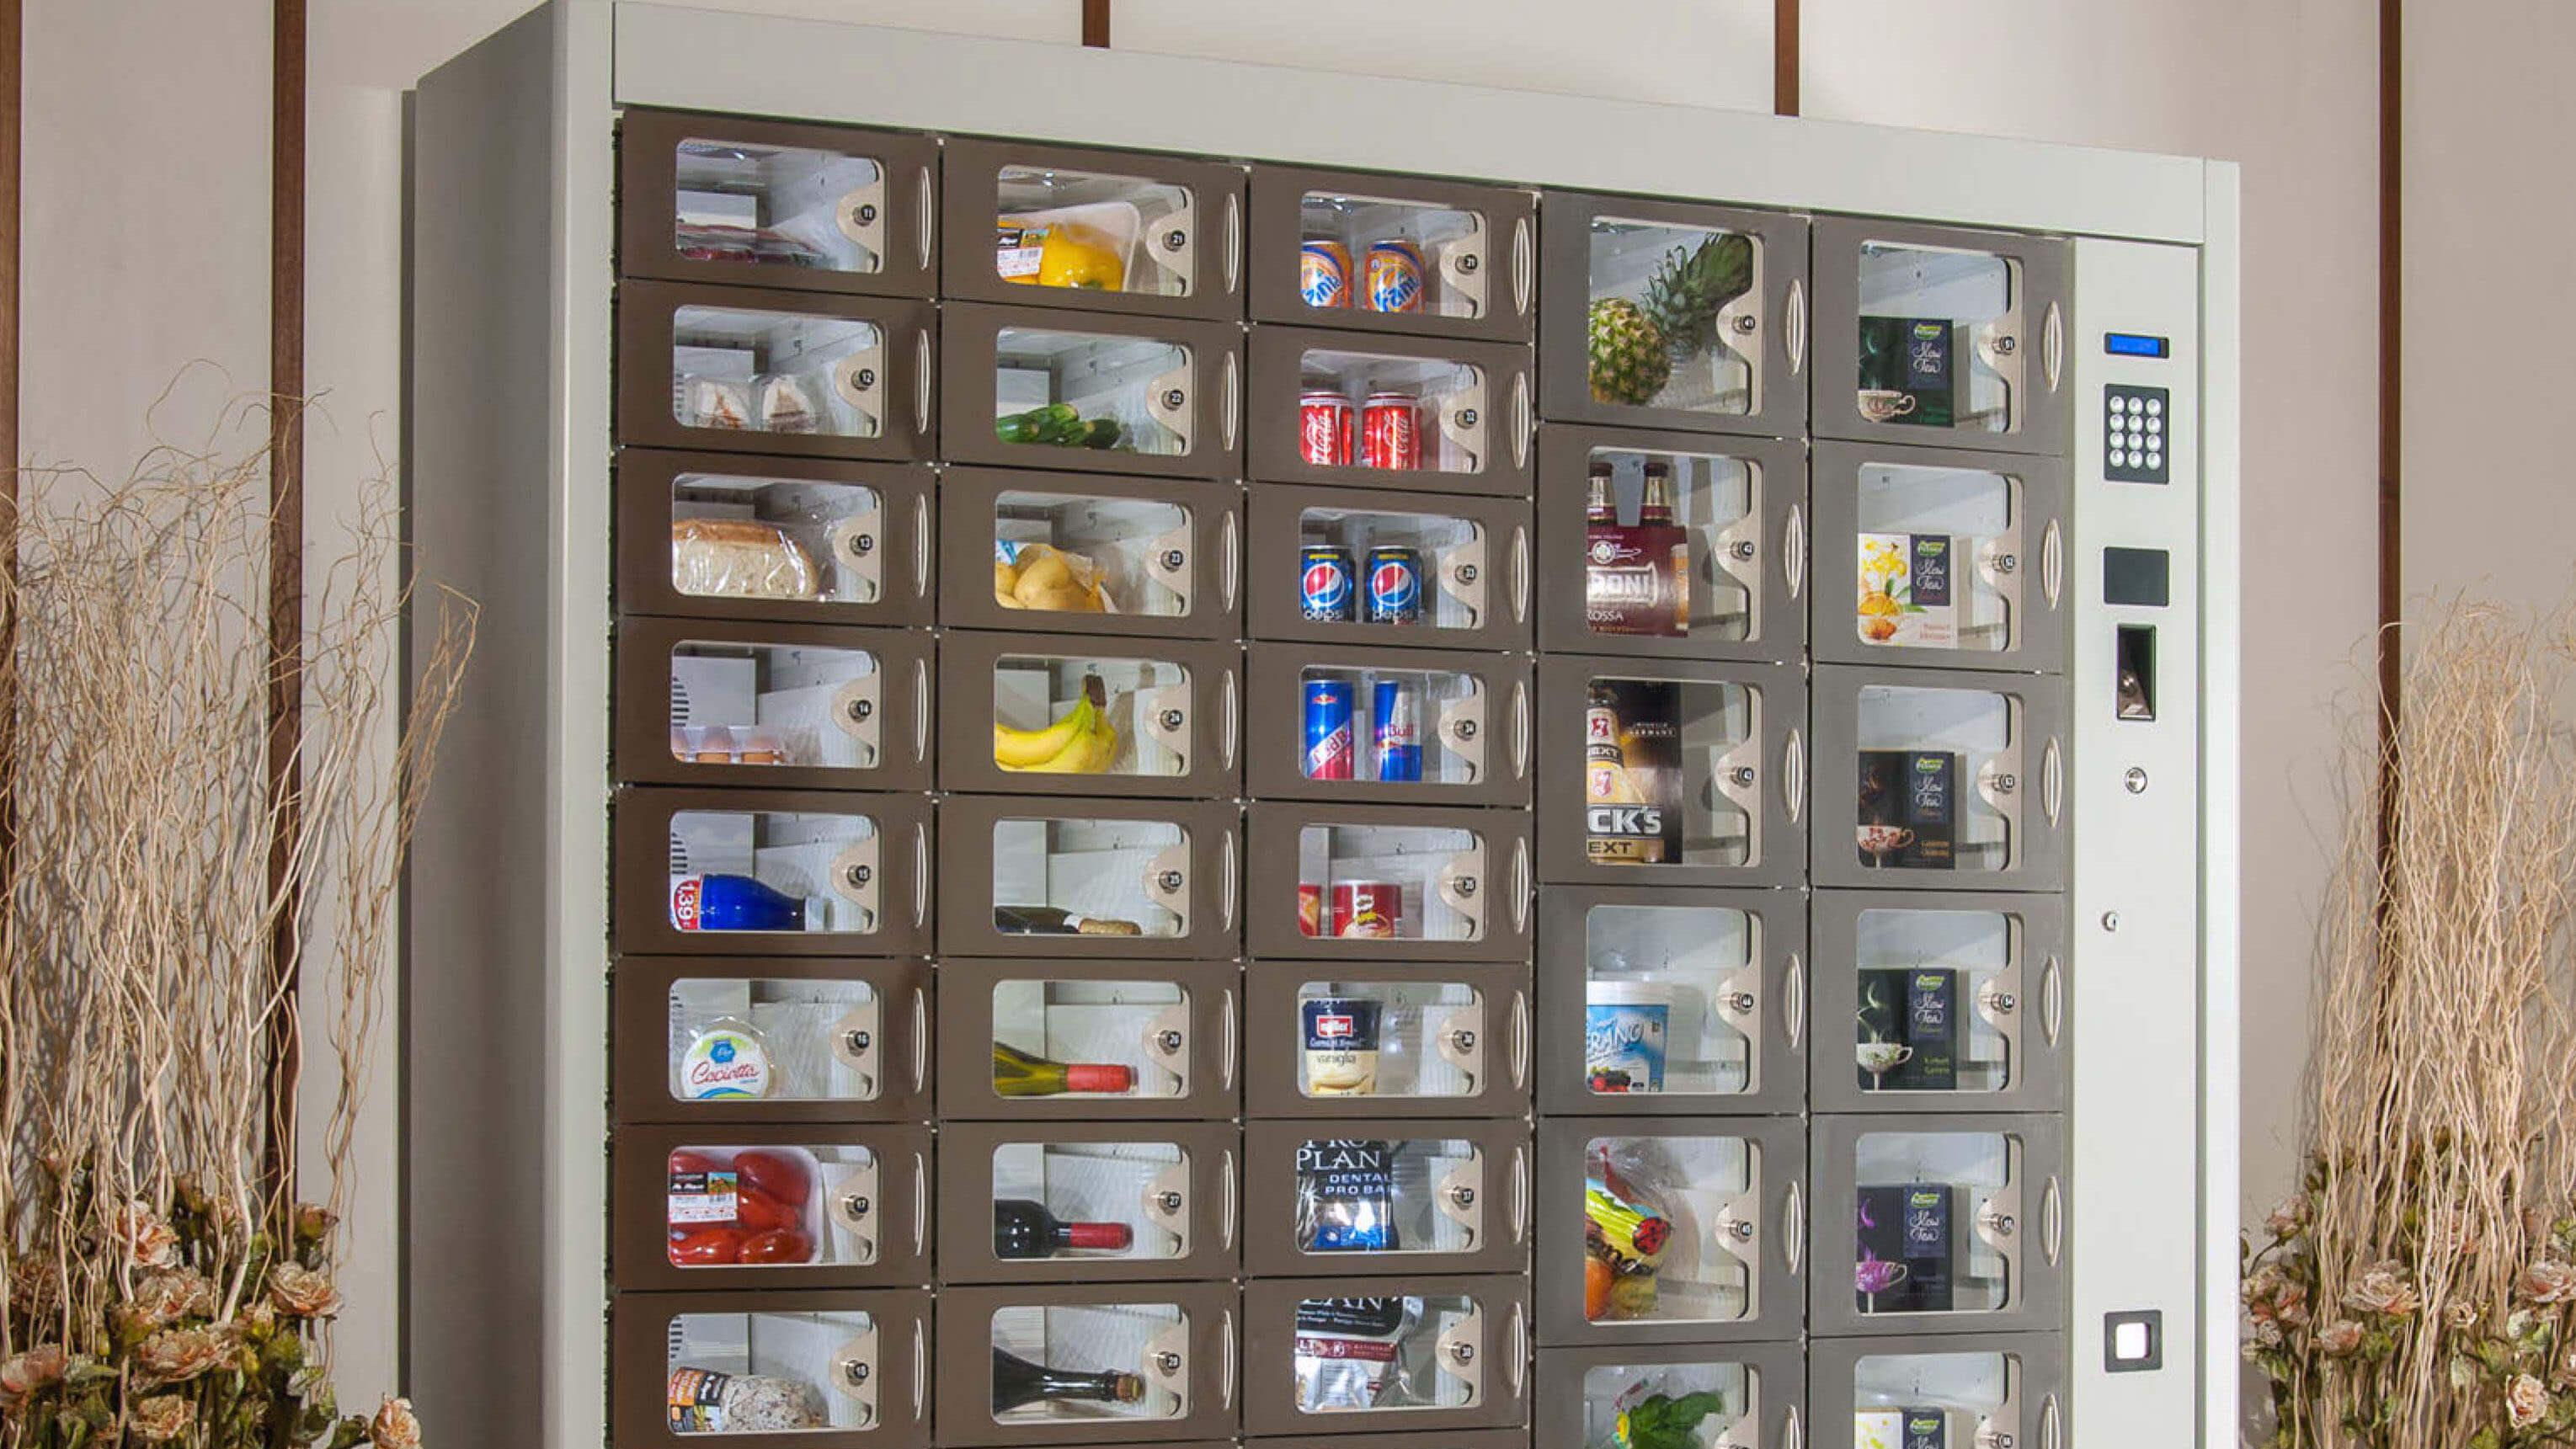 vendor vending machine